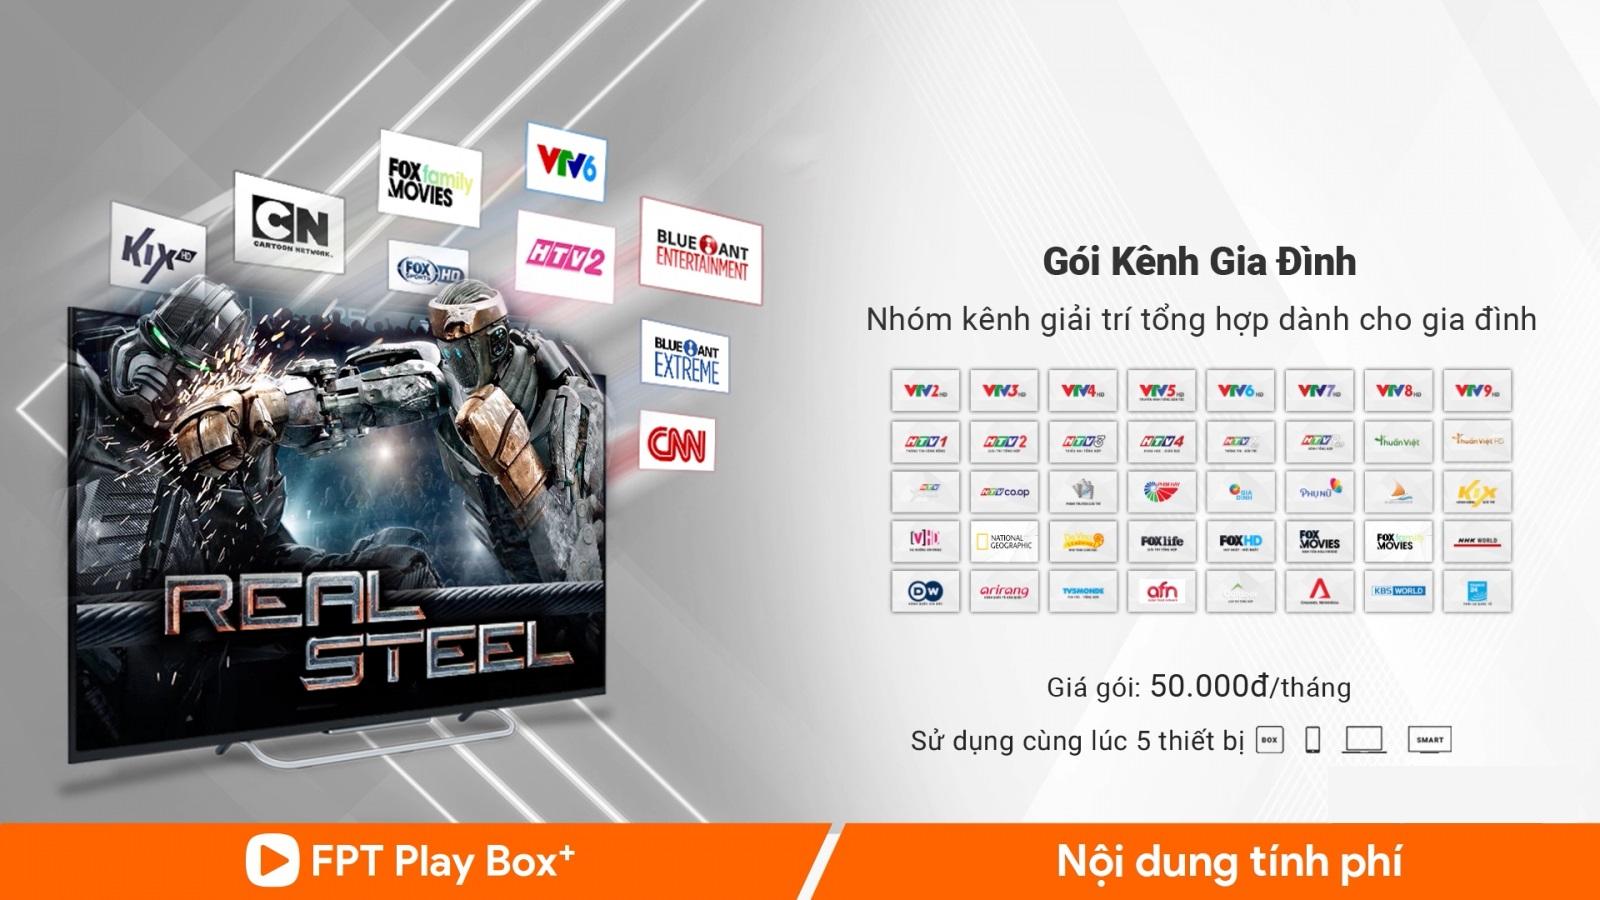 Gói kênh gia đình trên FPT Play Box